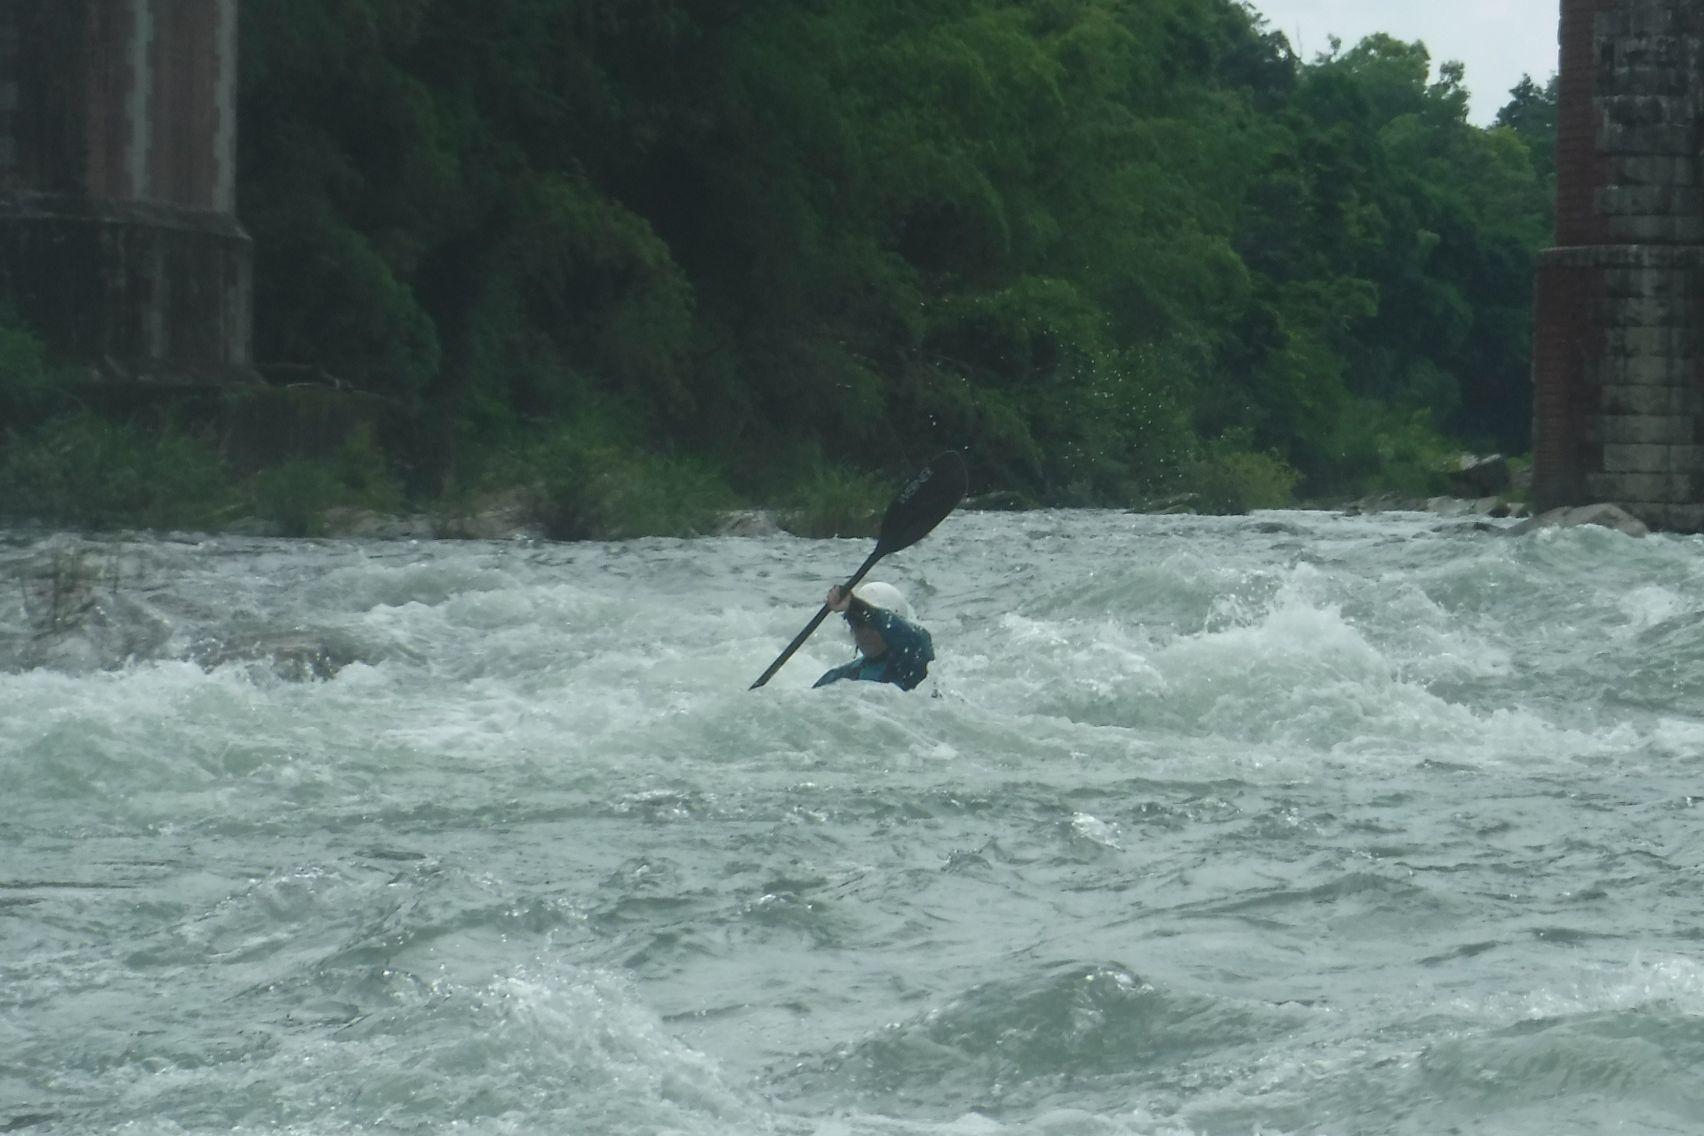 波の中で漕がない、真っ直ぐにならない_b0225495_23354374.jpg